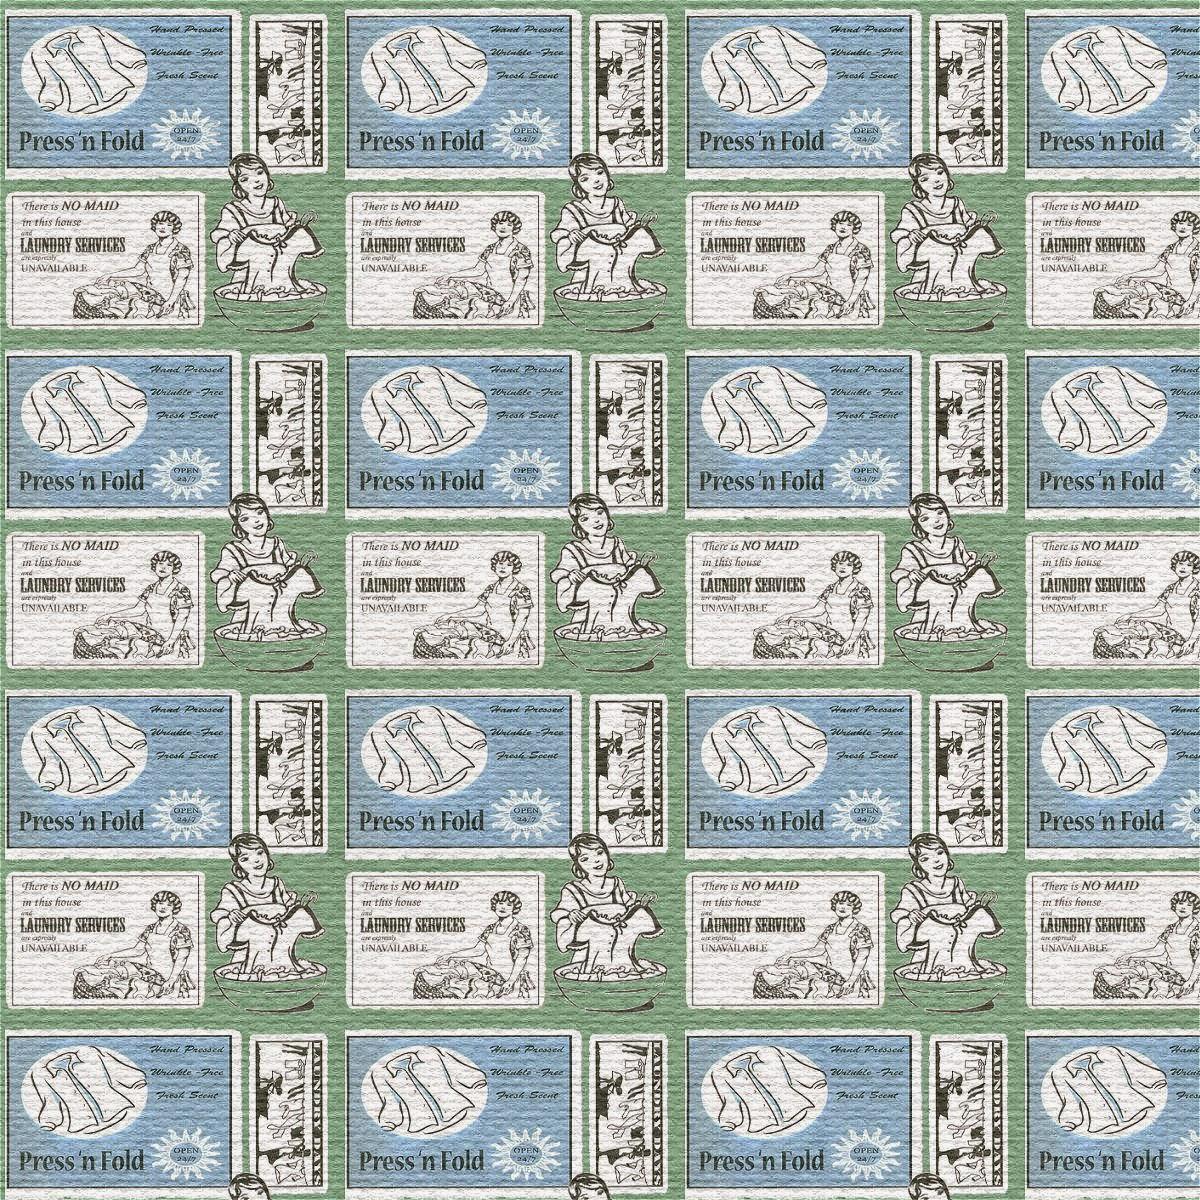 http://1.bp.blogspot.com/-Ez7mFCCr8a0/VQRIllhQ7pI/AAAAAAAA8P8/Gfaem8ySHGw/s1600/LaundryDayPapers3_TlcCreations.jpg